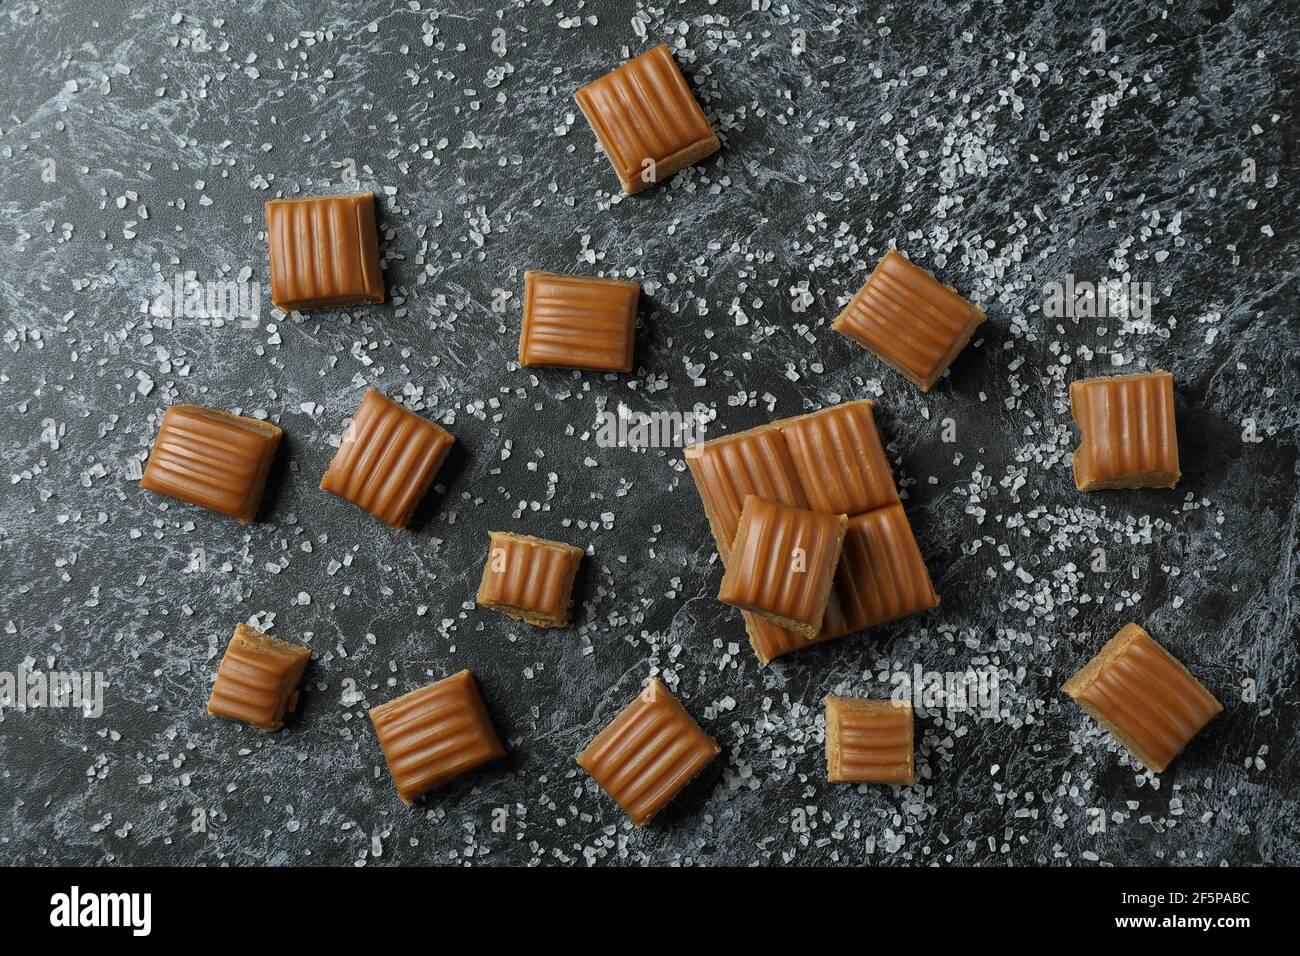 Trozos de caramelo salados sobre fondo negro ahumado Foto de stock